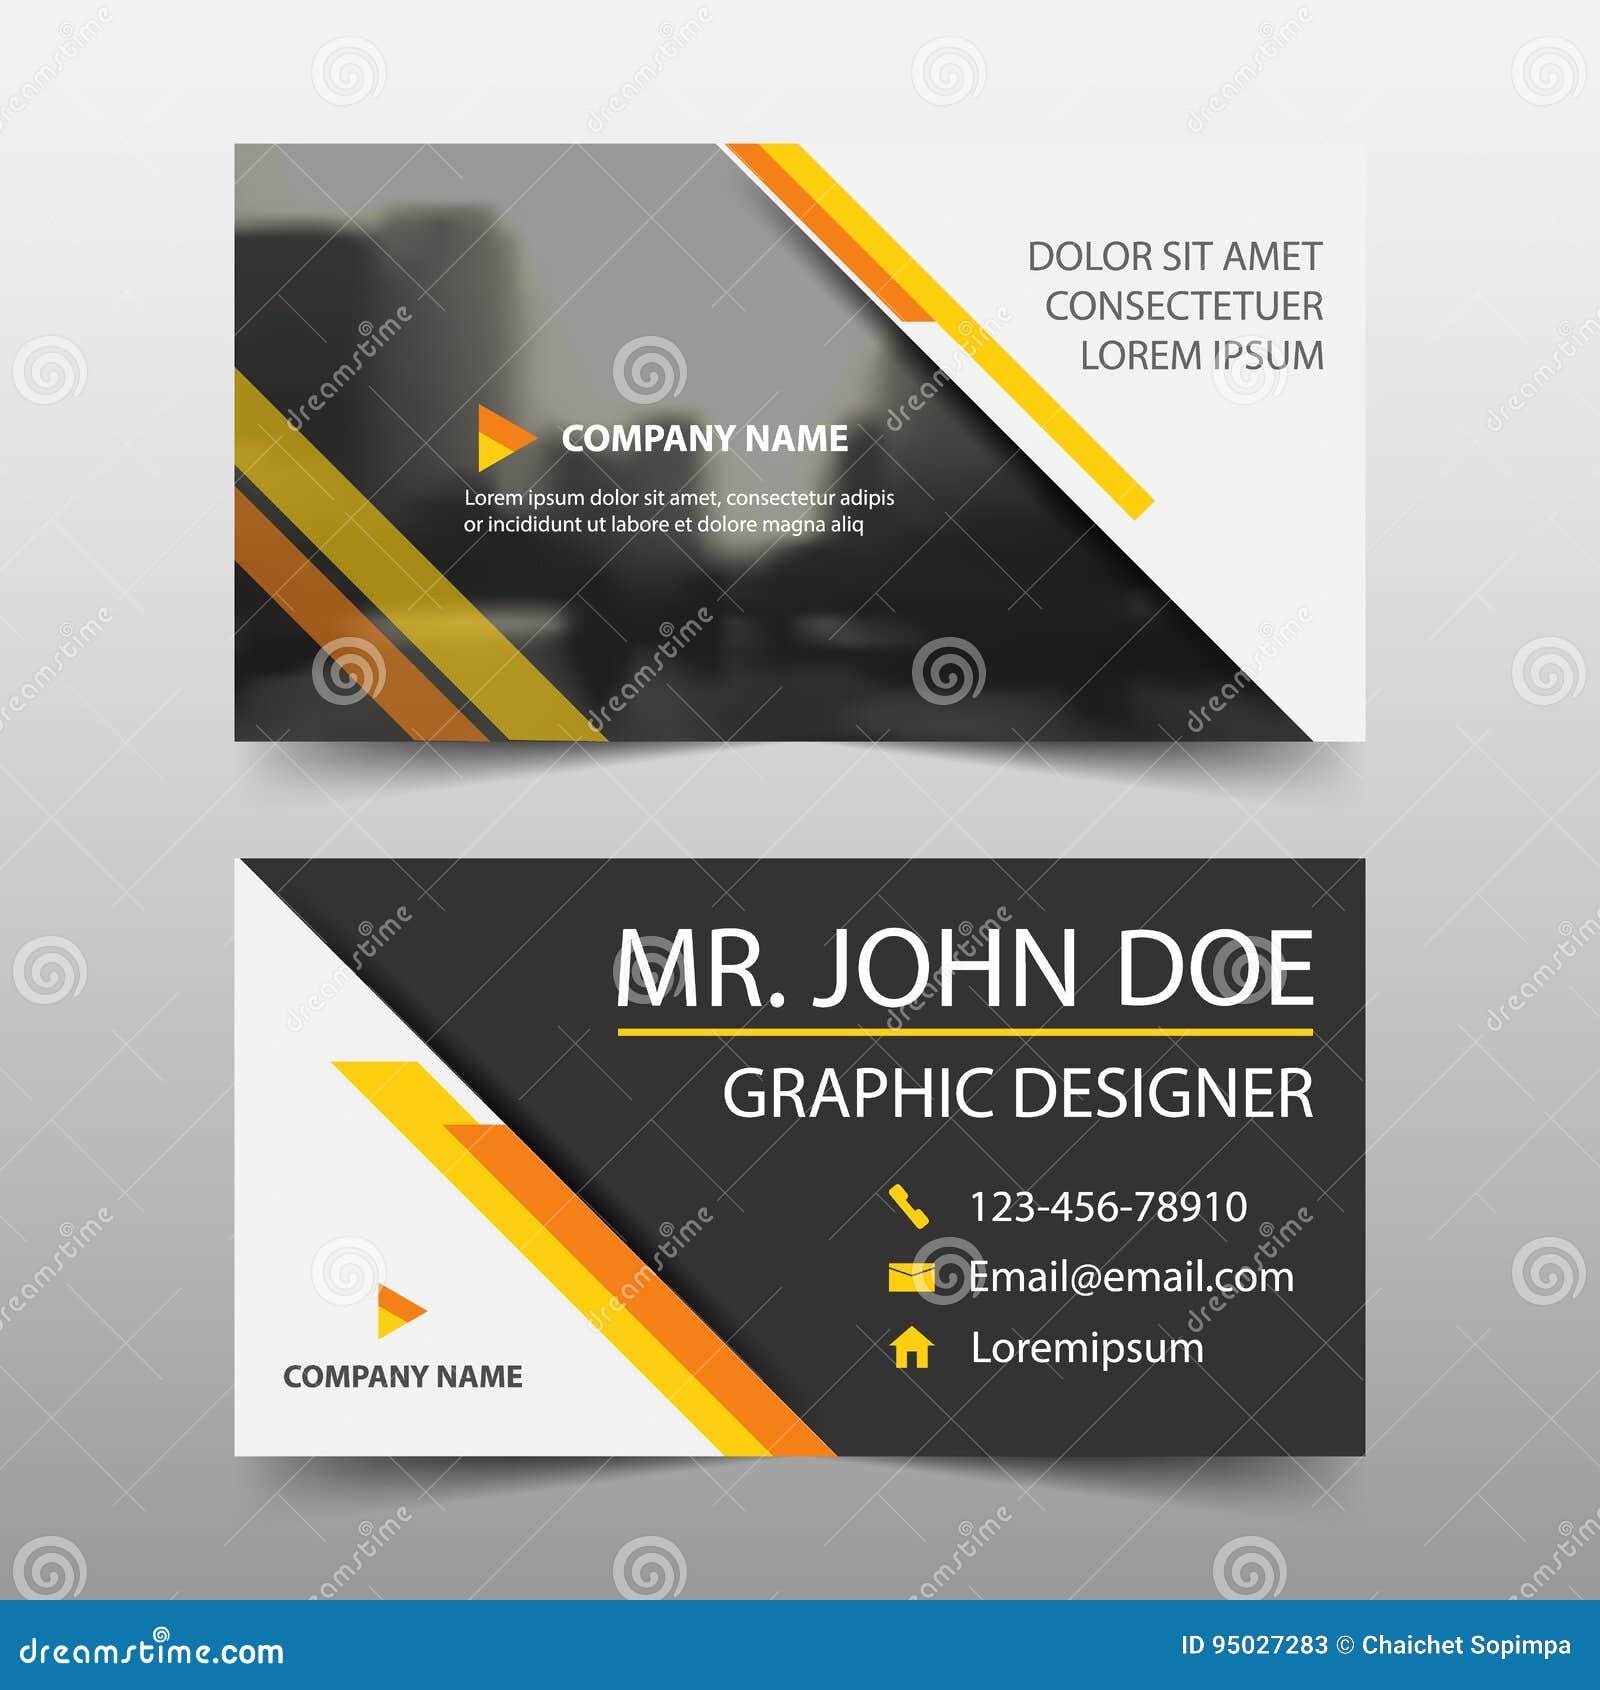 Cartão de empresa amarelo, molde do cartão de nome, molde limpo simples horizontal do projeto da disposição, molde da bandeira do